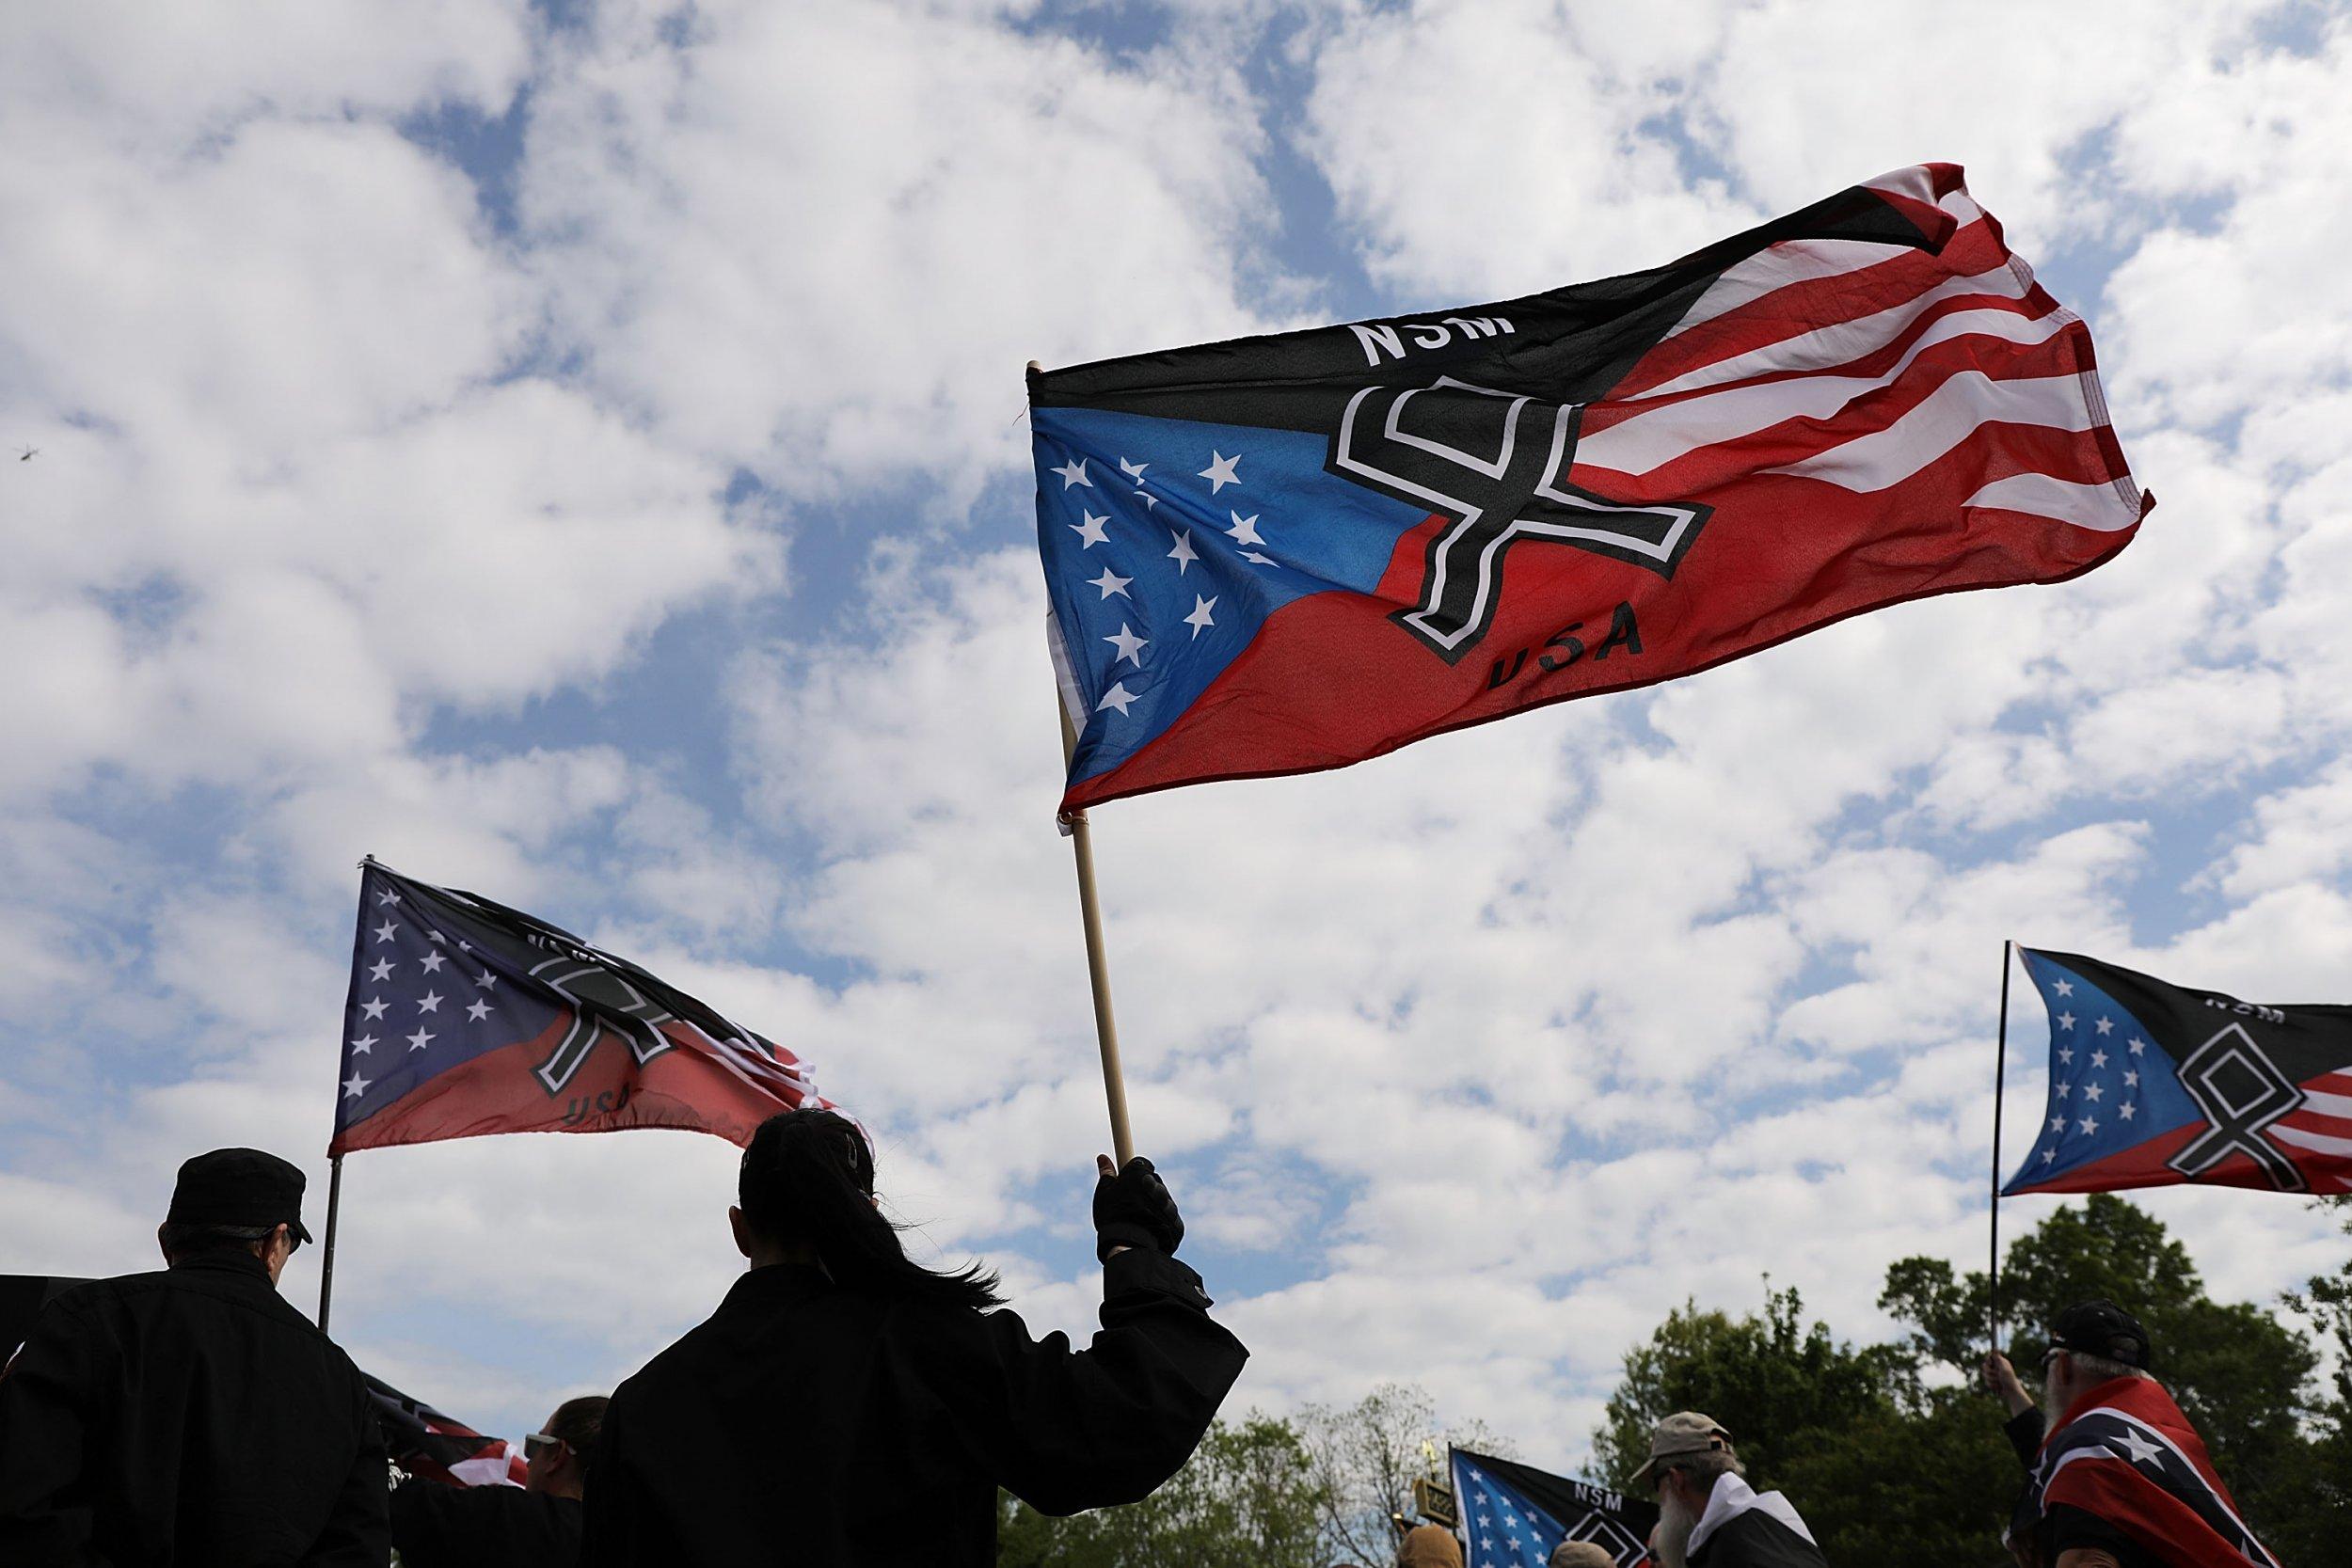 Neo-Nazis U.S. Holocaust anti-Semitism